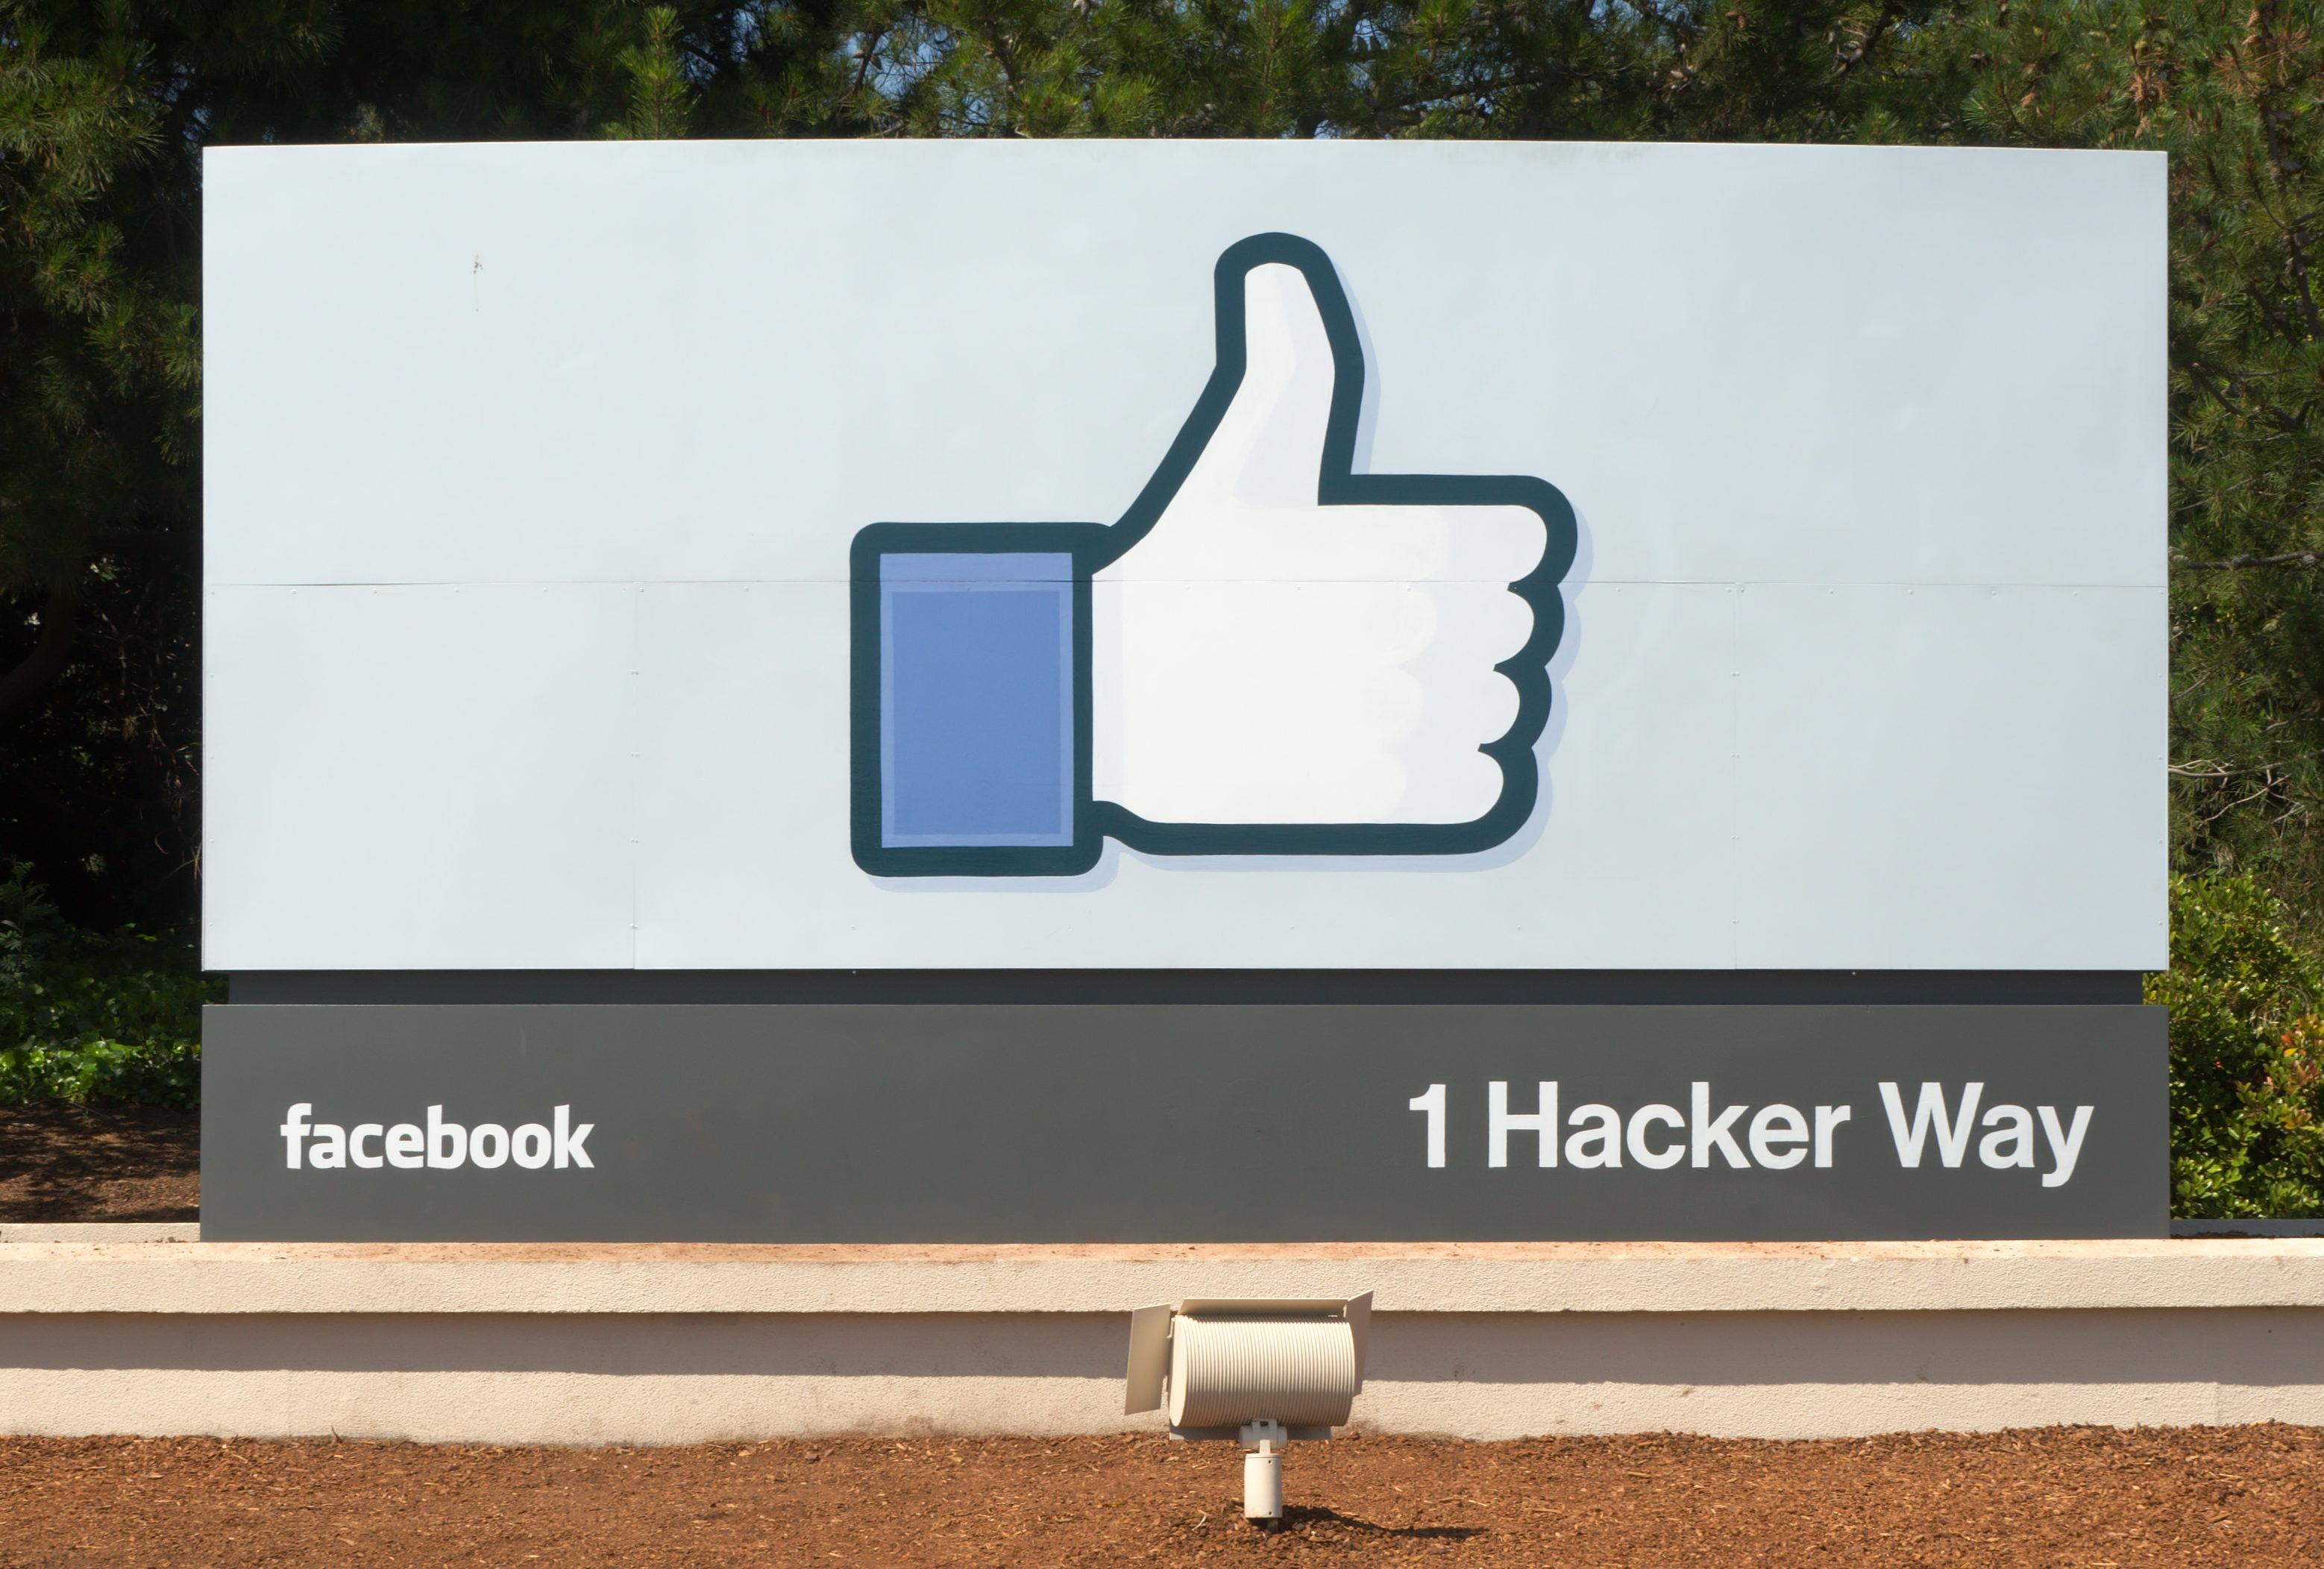 Facebook_Headquarters_Entrance_Sign_Menlo_Park-e1493846796266.jpg